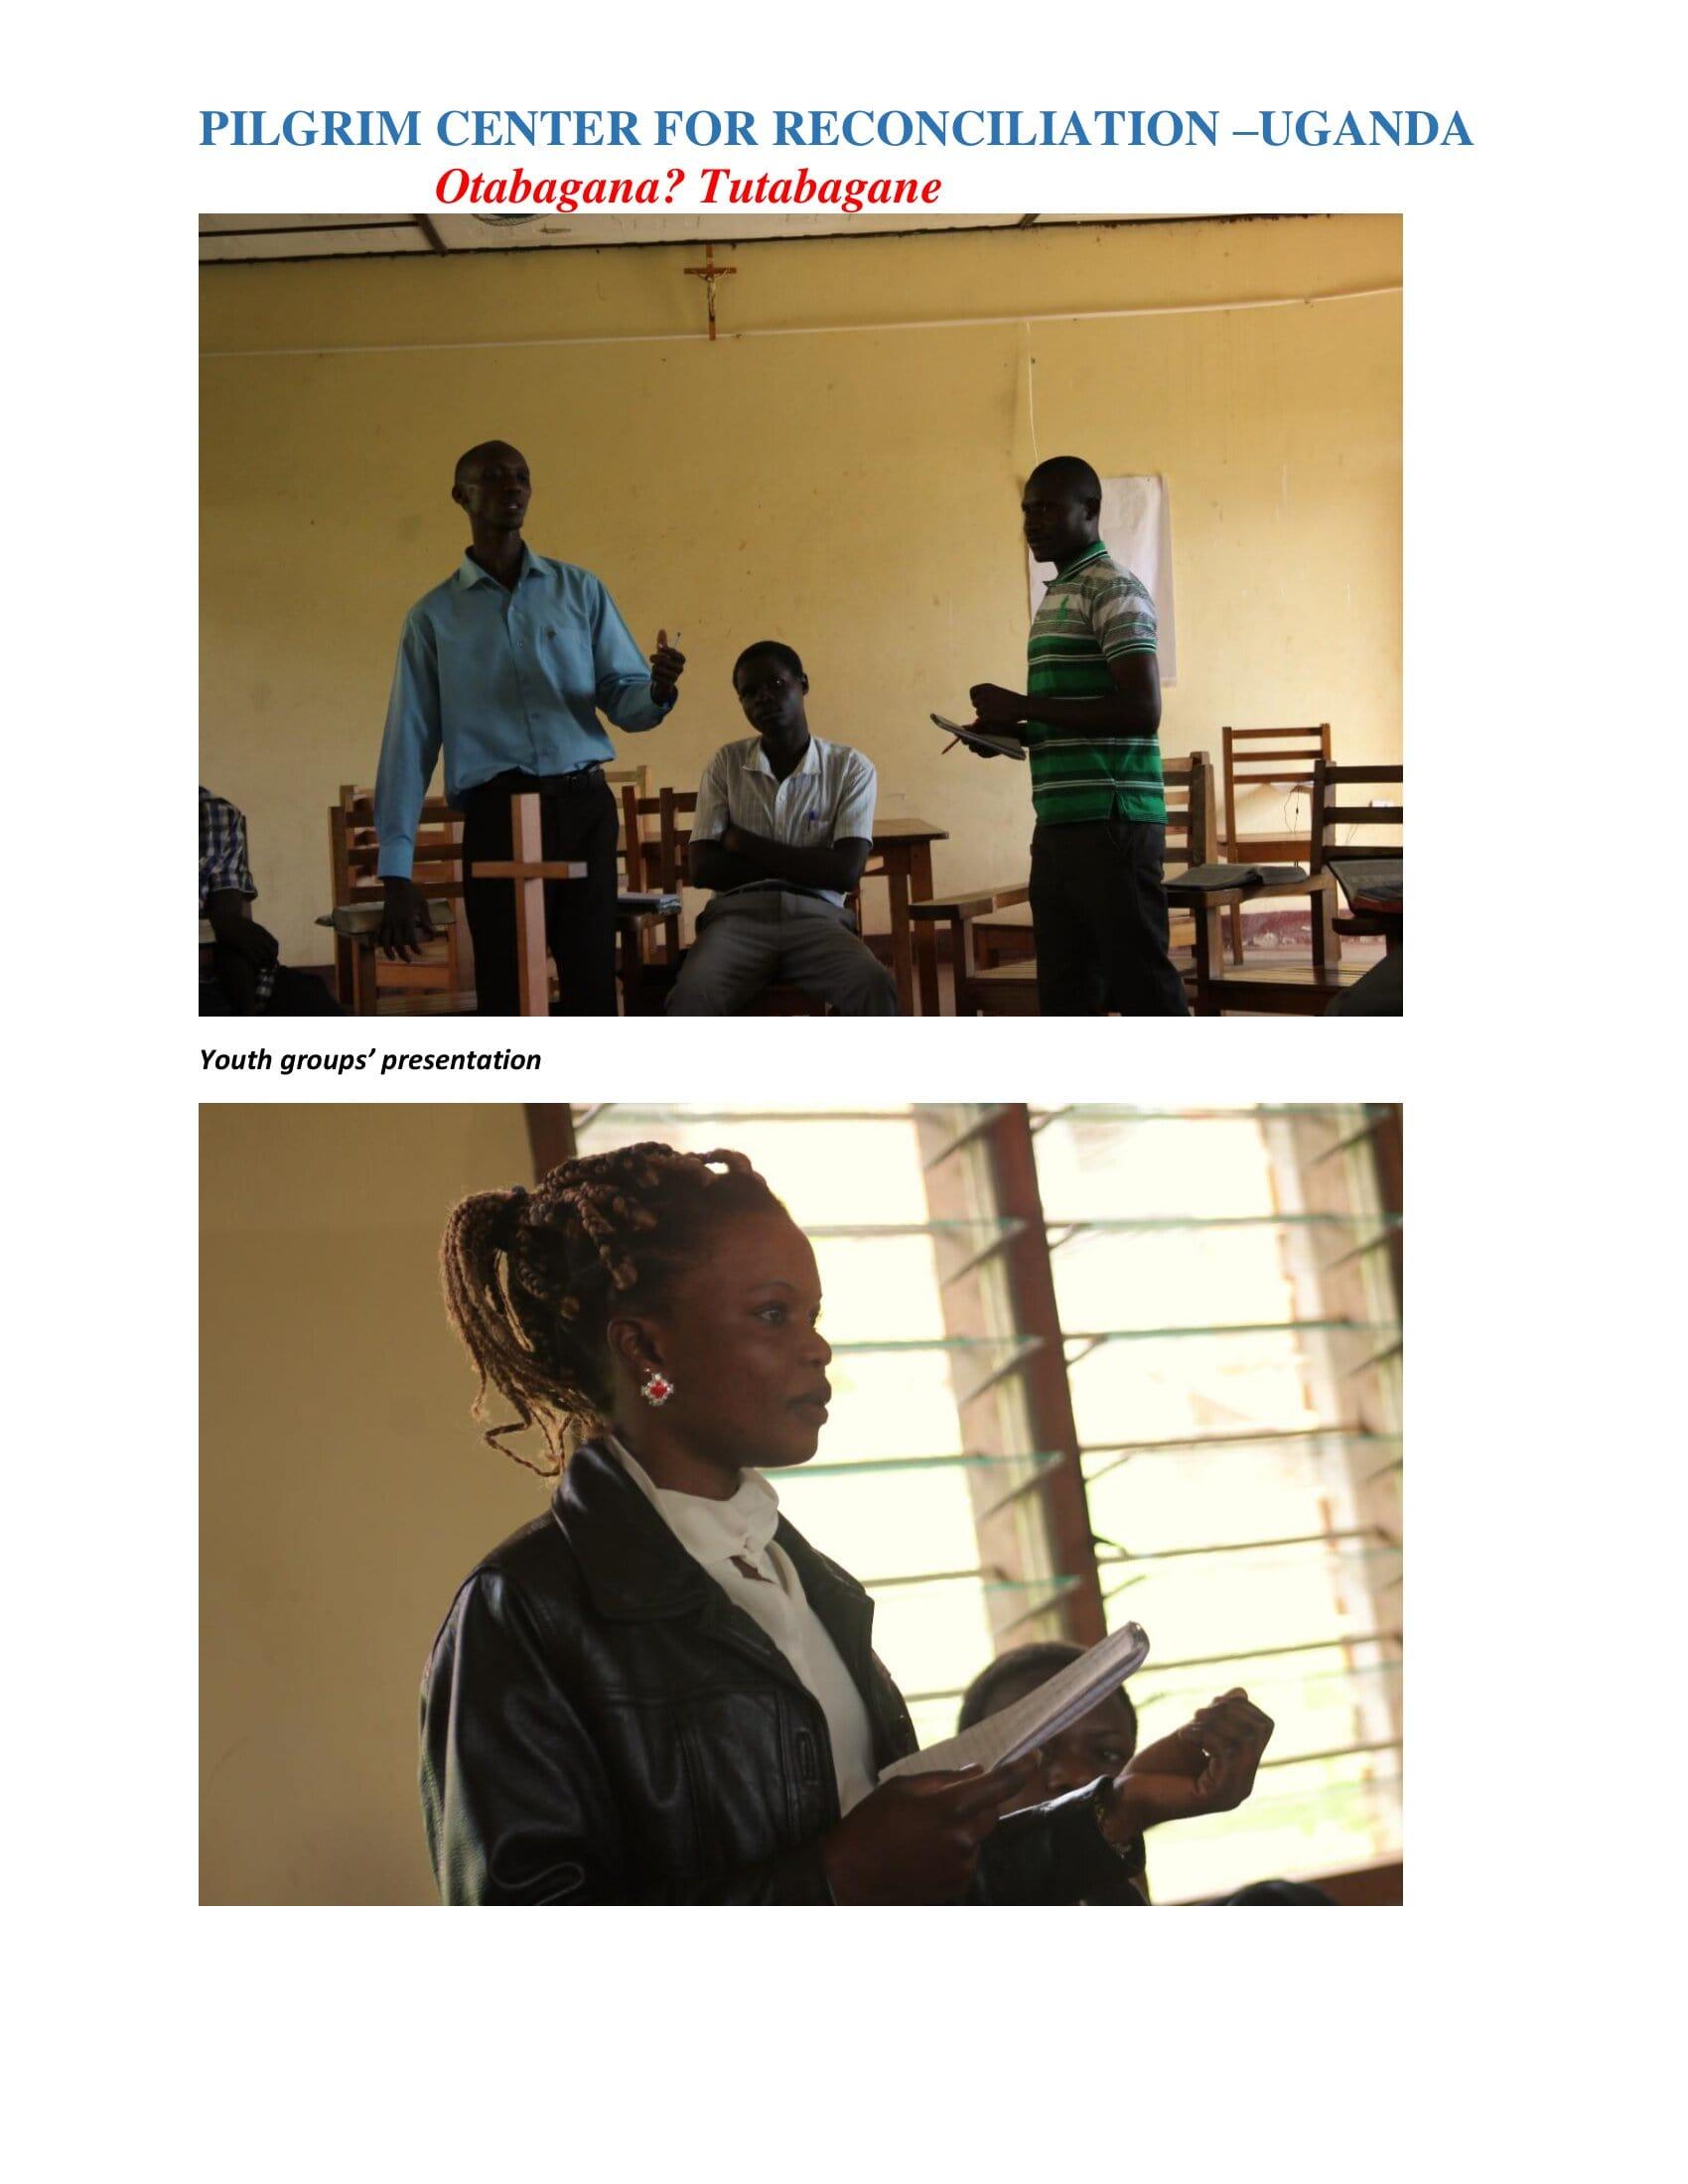 Pirigrim center for reconcilation -Uganda _0004-min